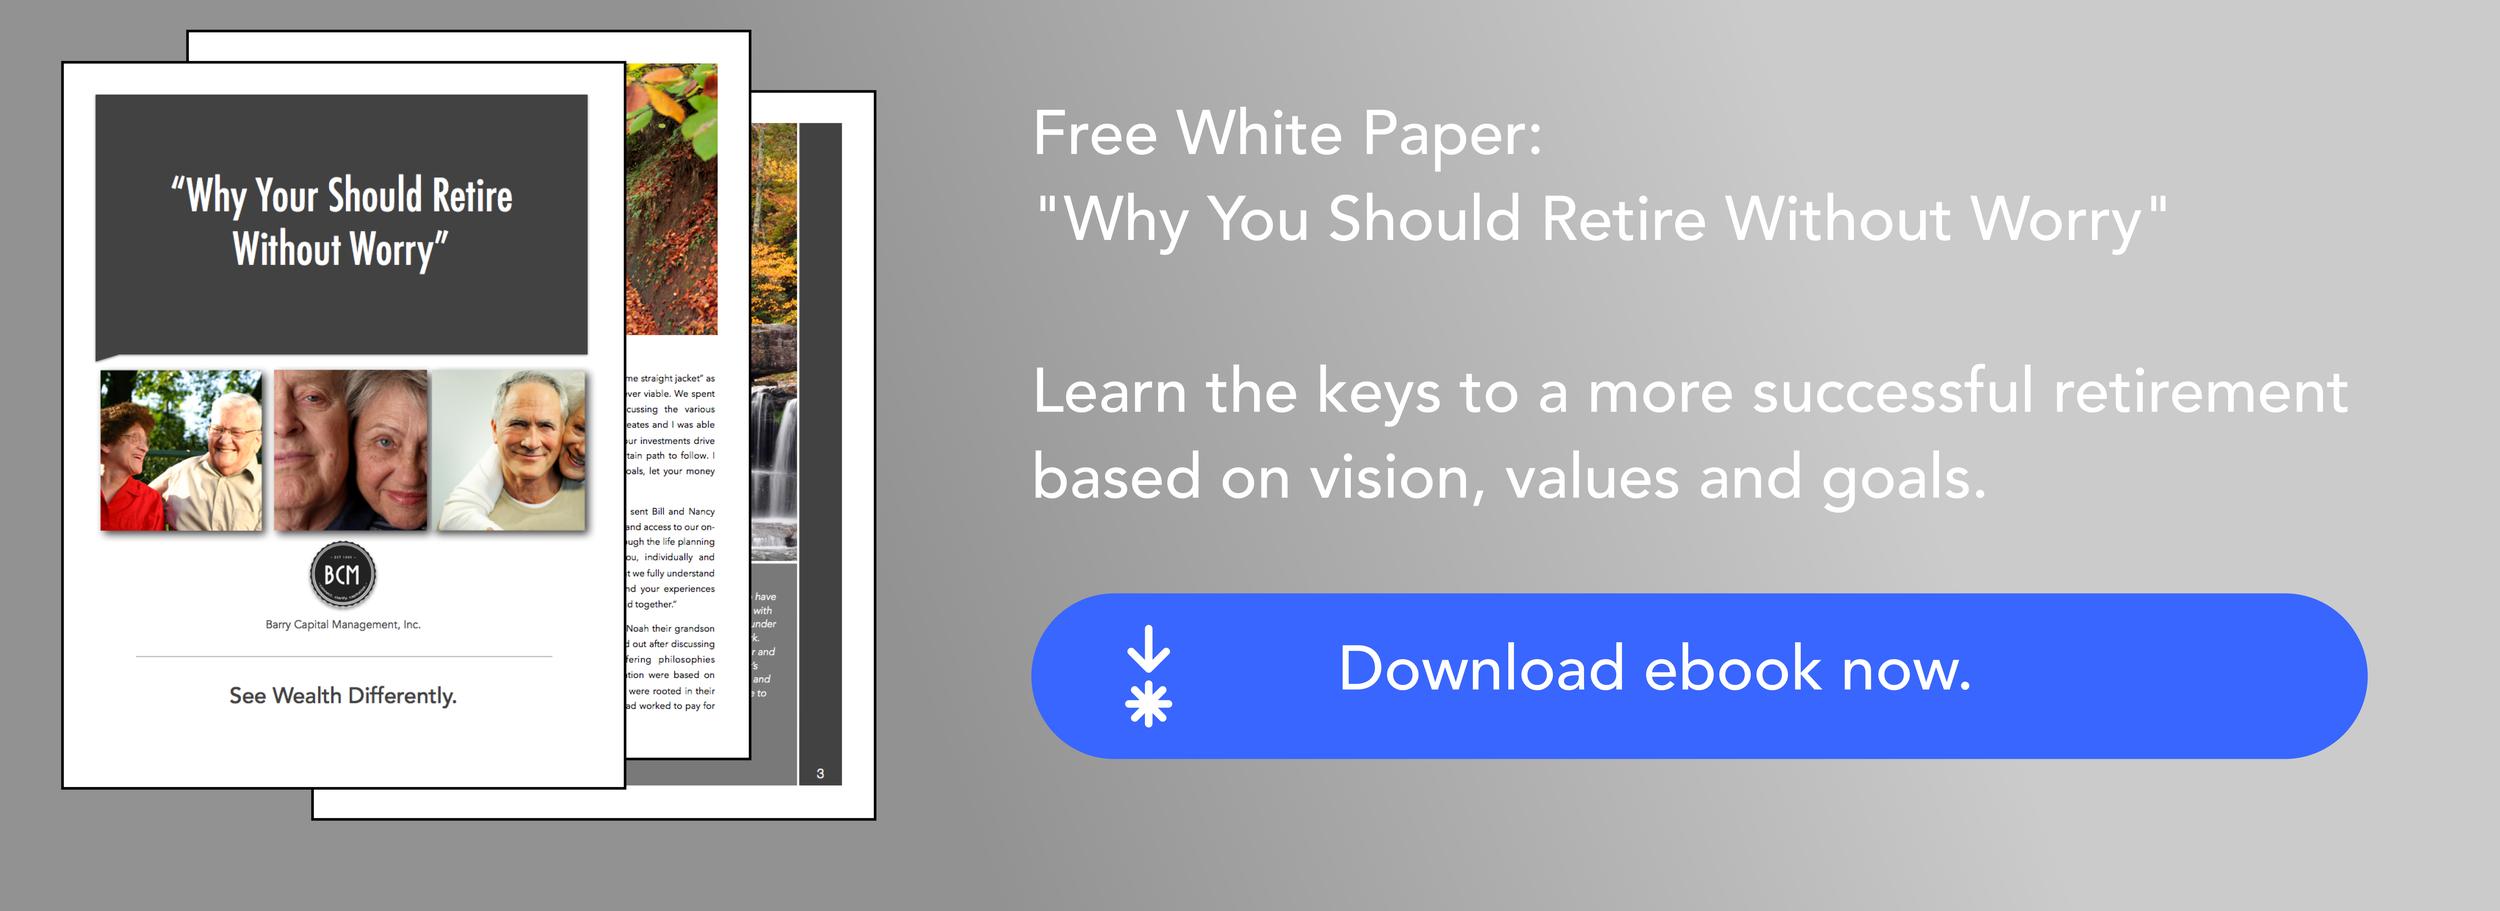 White Paper CTA.jpg